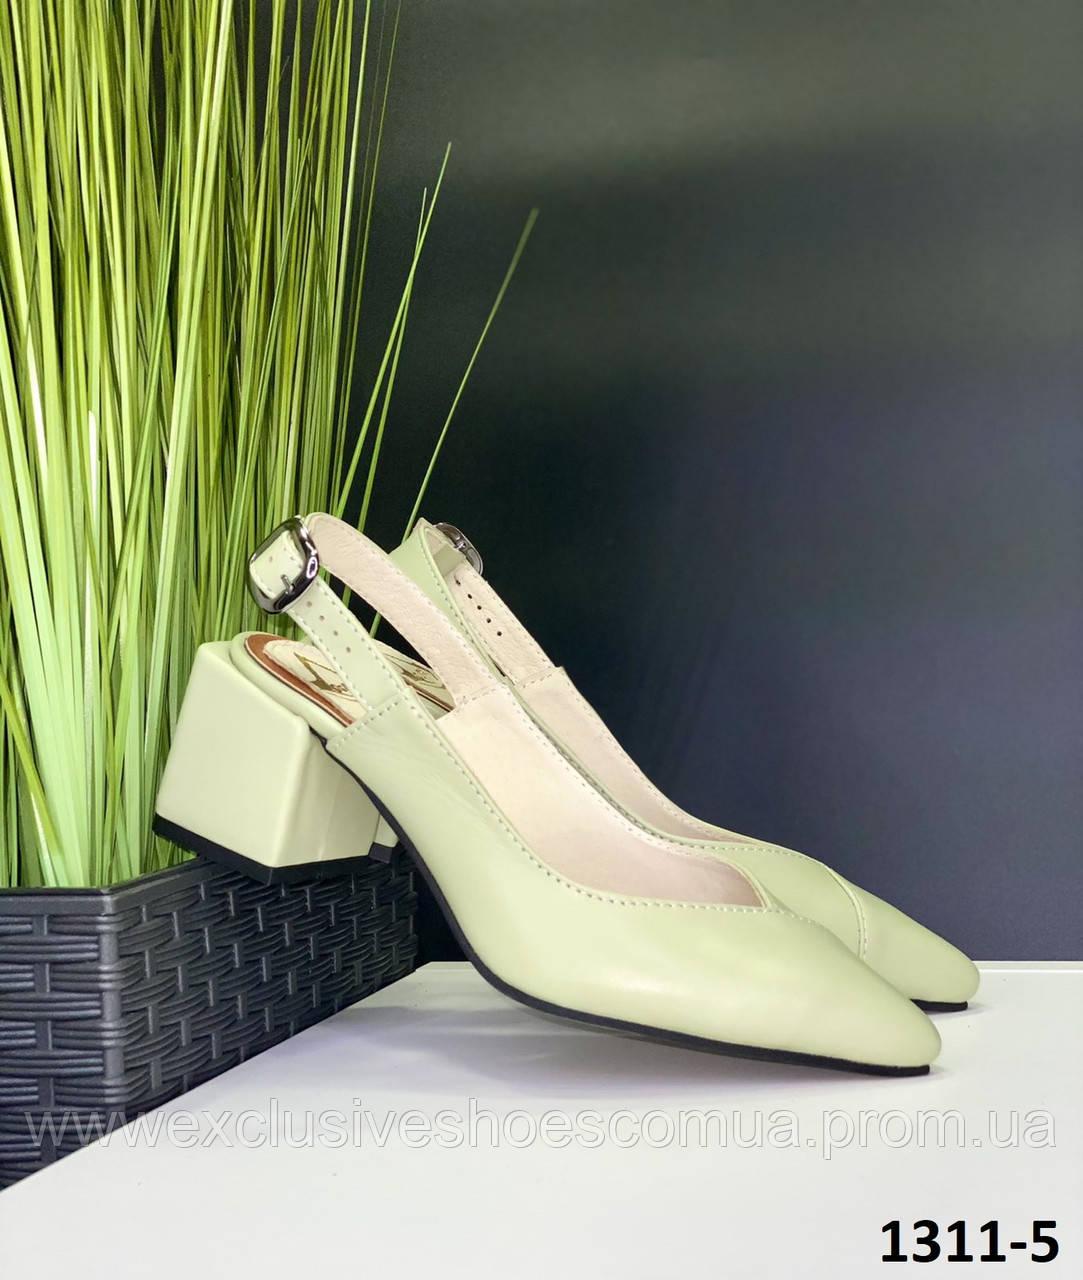 Босоножки женские кожаные фисташковые закрытый острый носочек с открытой пяткой на квадратном каблуке